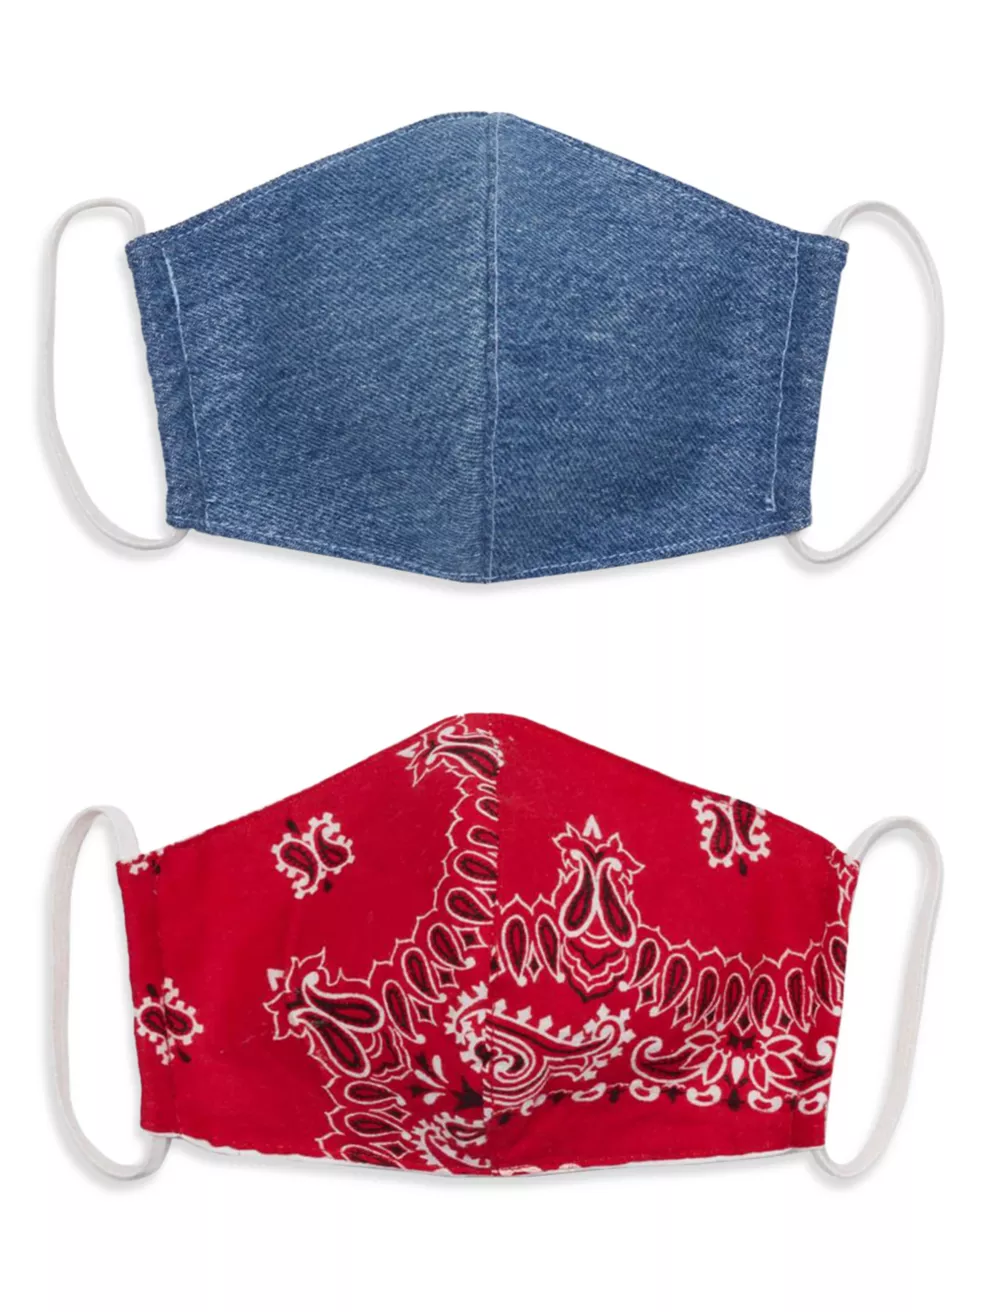 Upcycled Denim & Bandana Face Masks Set